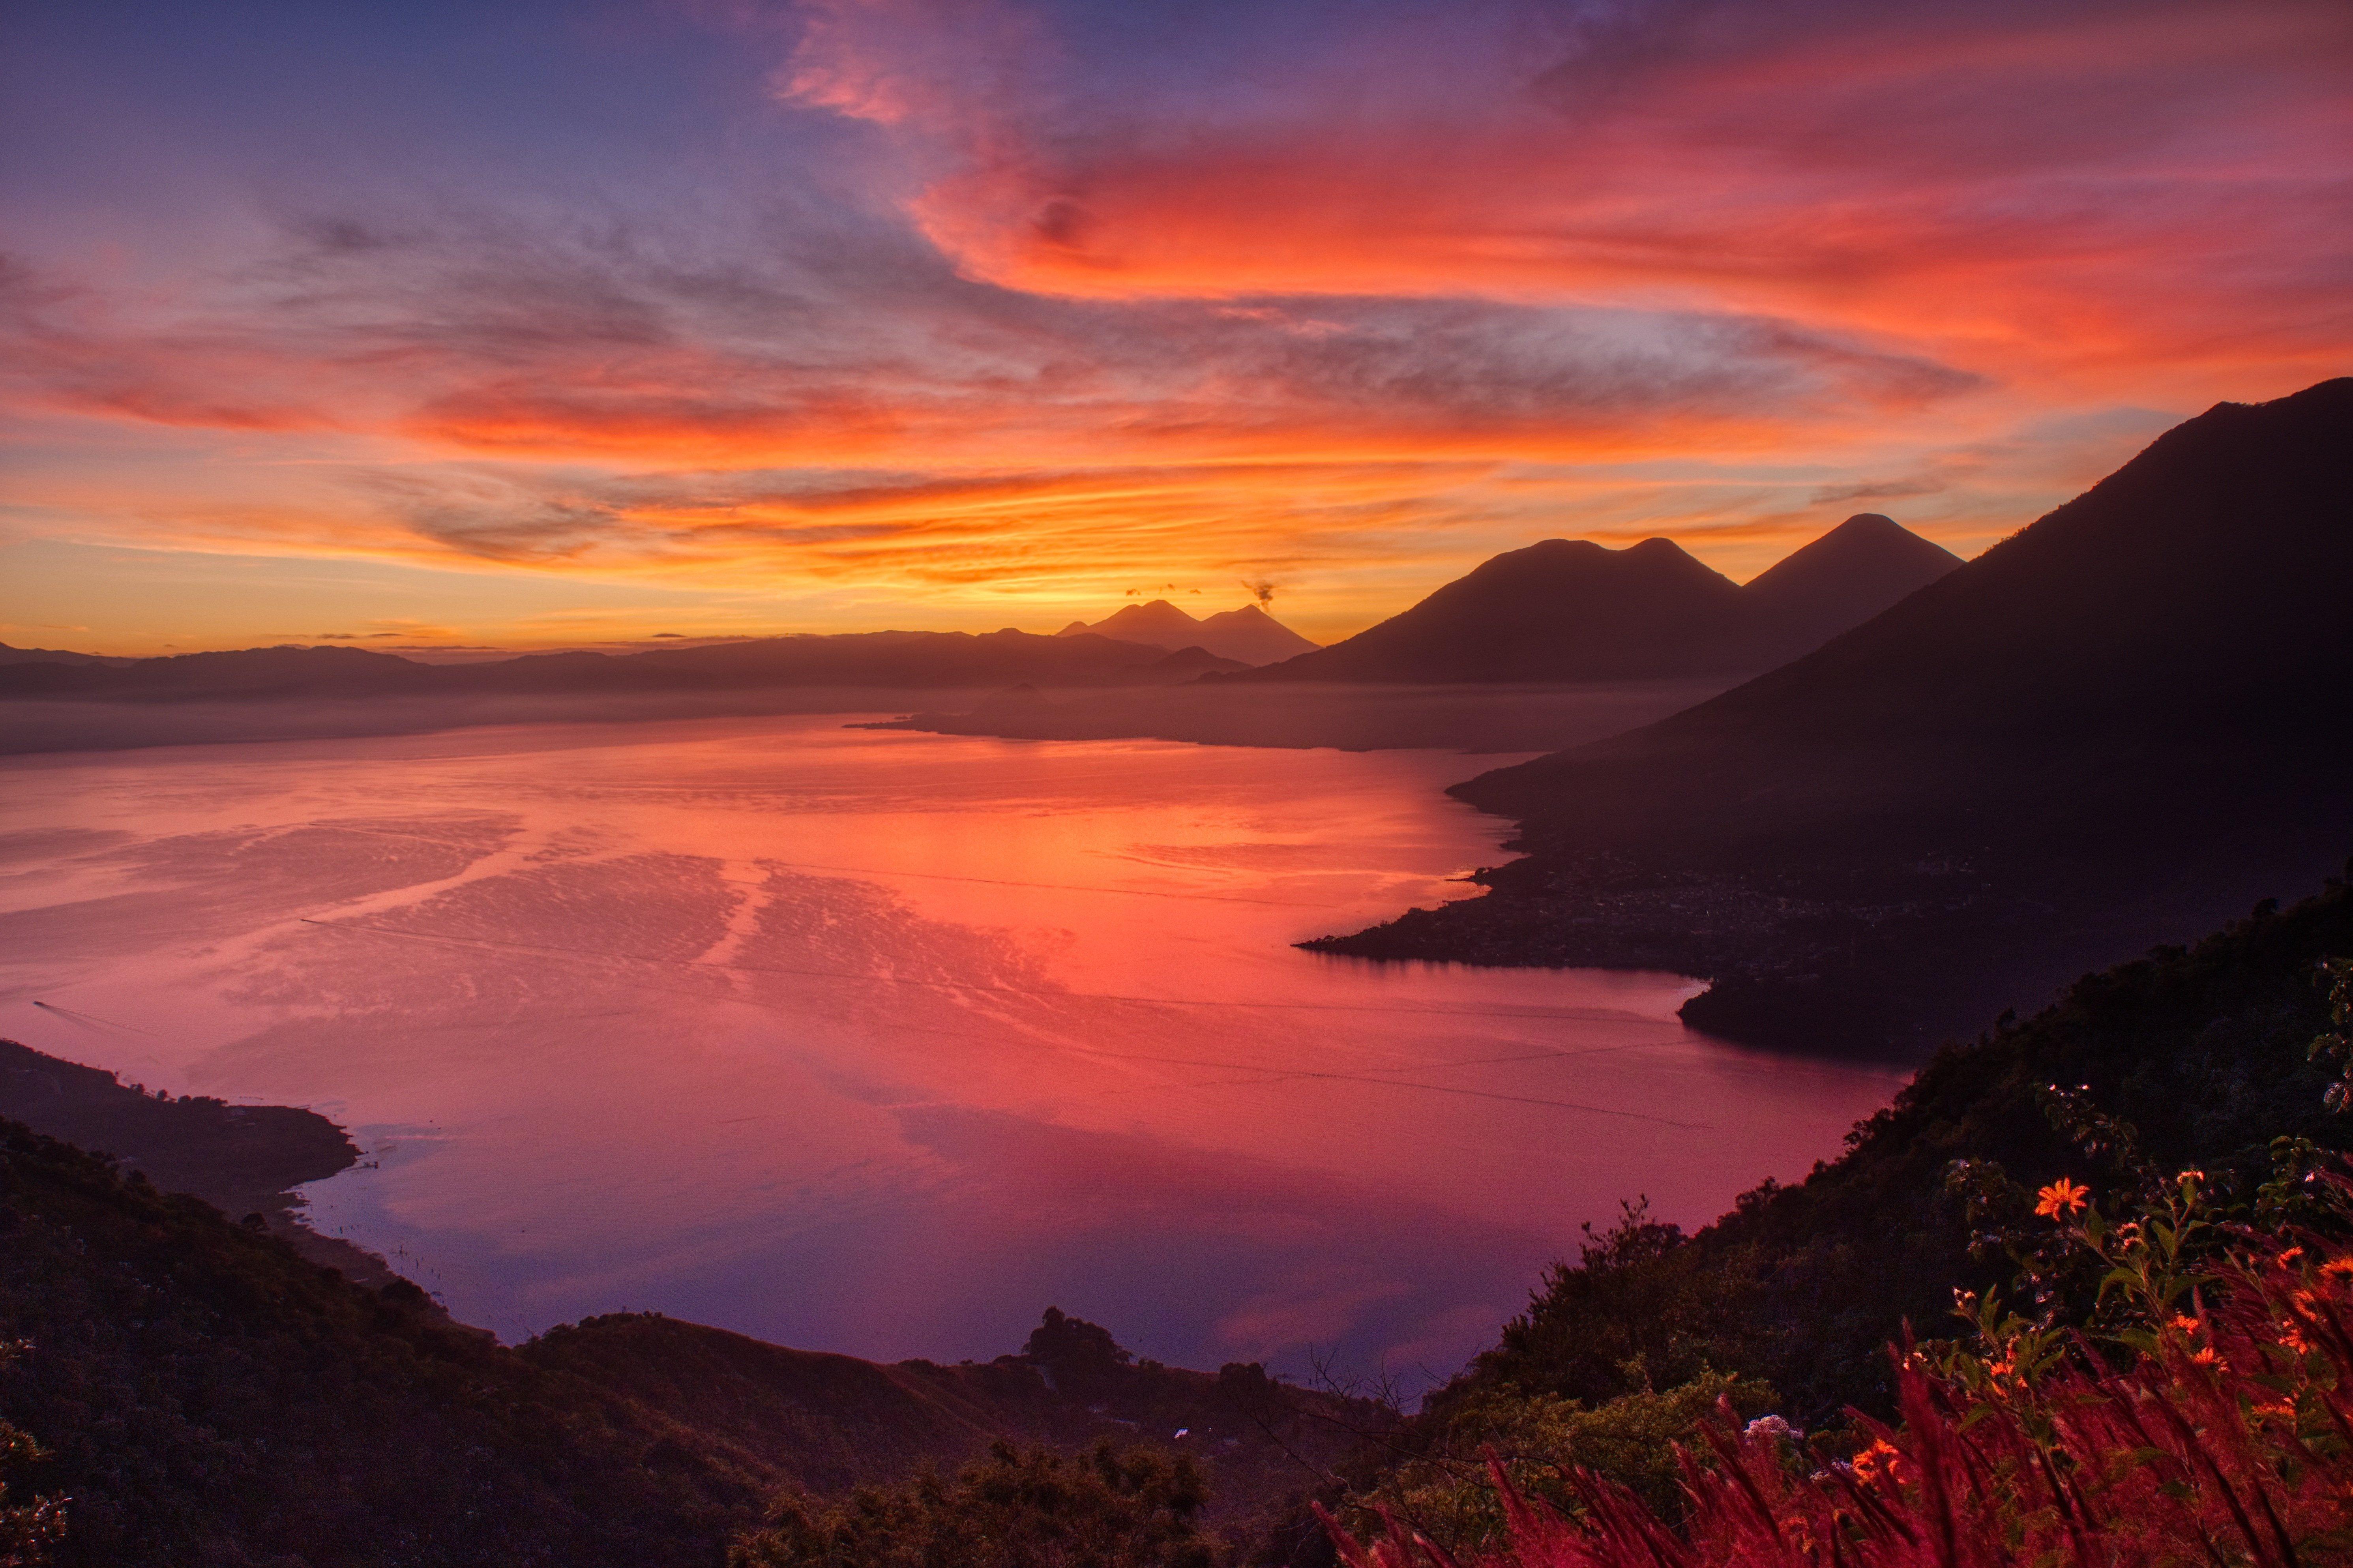 Wallpaper Sunrise at lake beside mountains